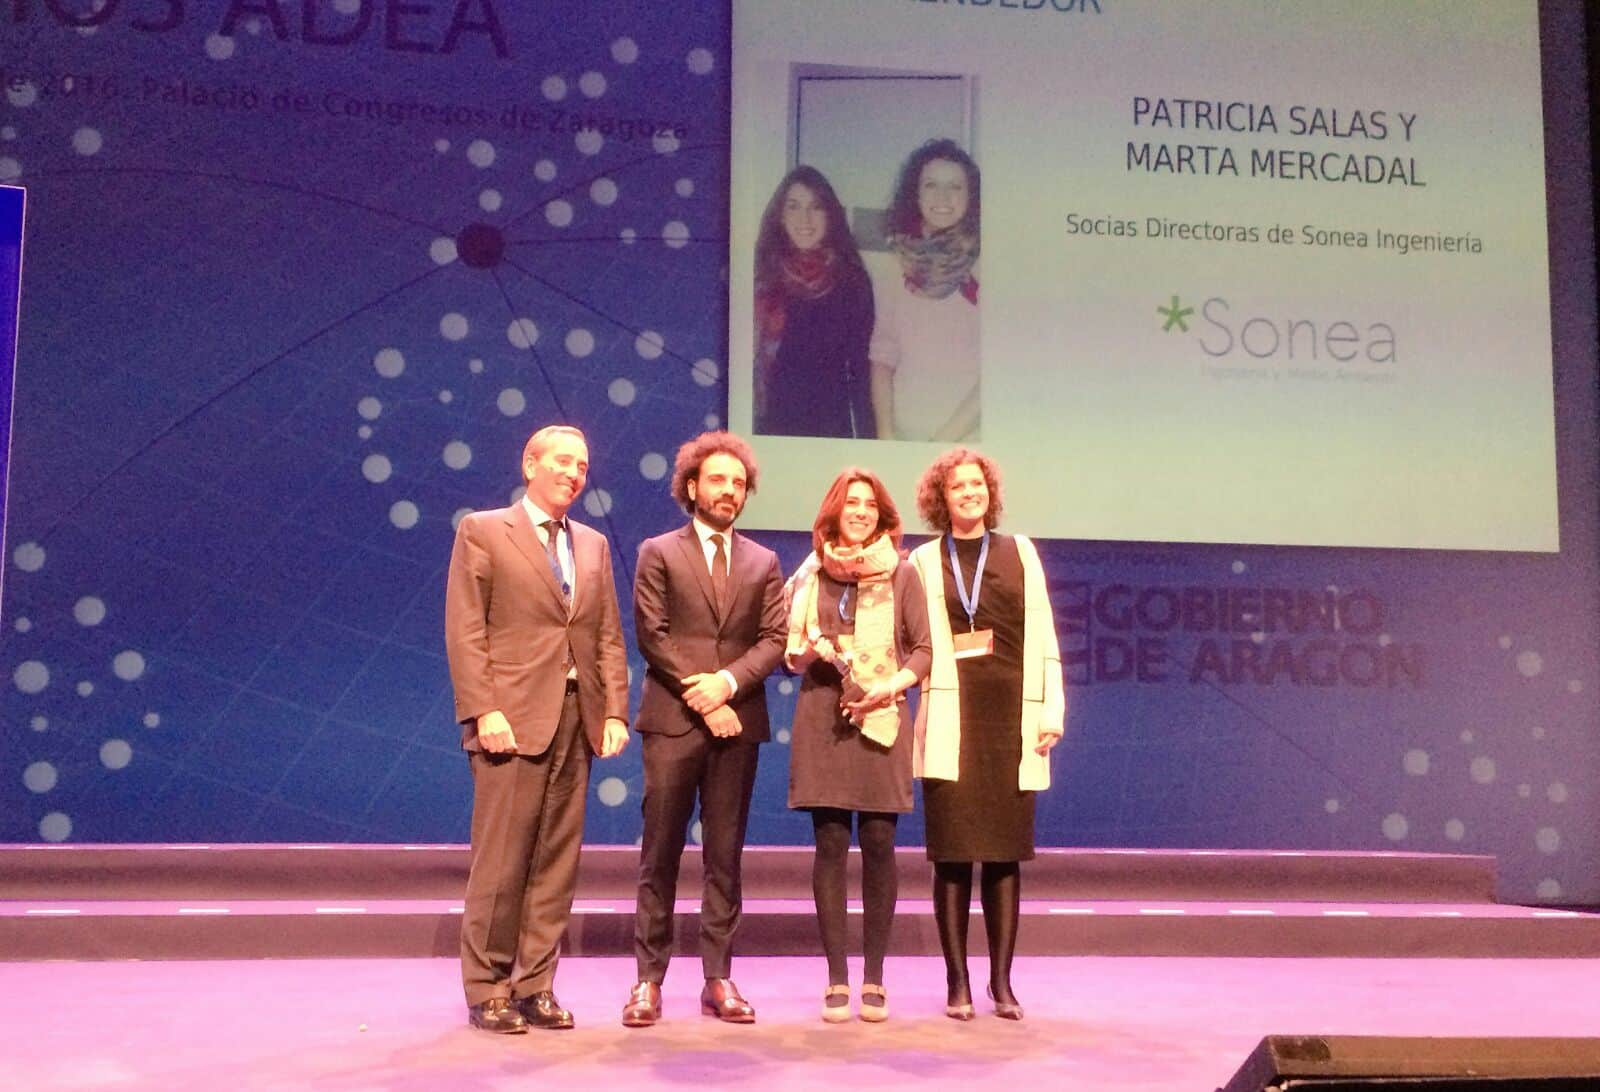 Patricia Salas y Marta Mercadal Premio ADEA 2016 al Emprendedor